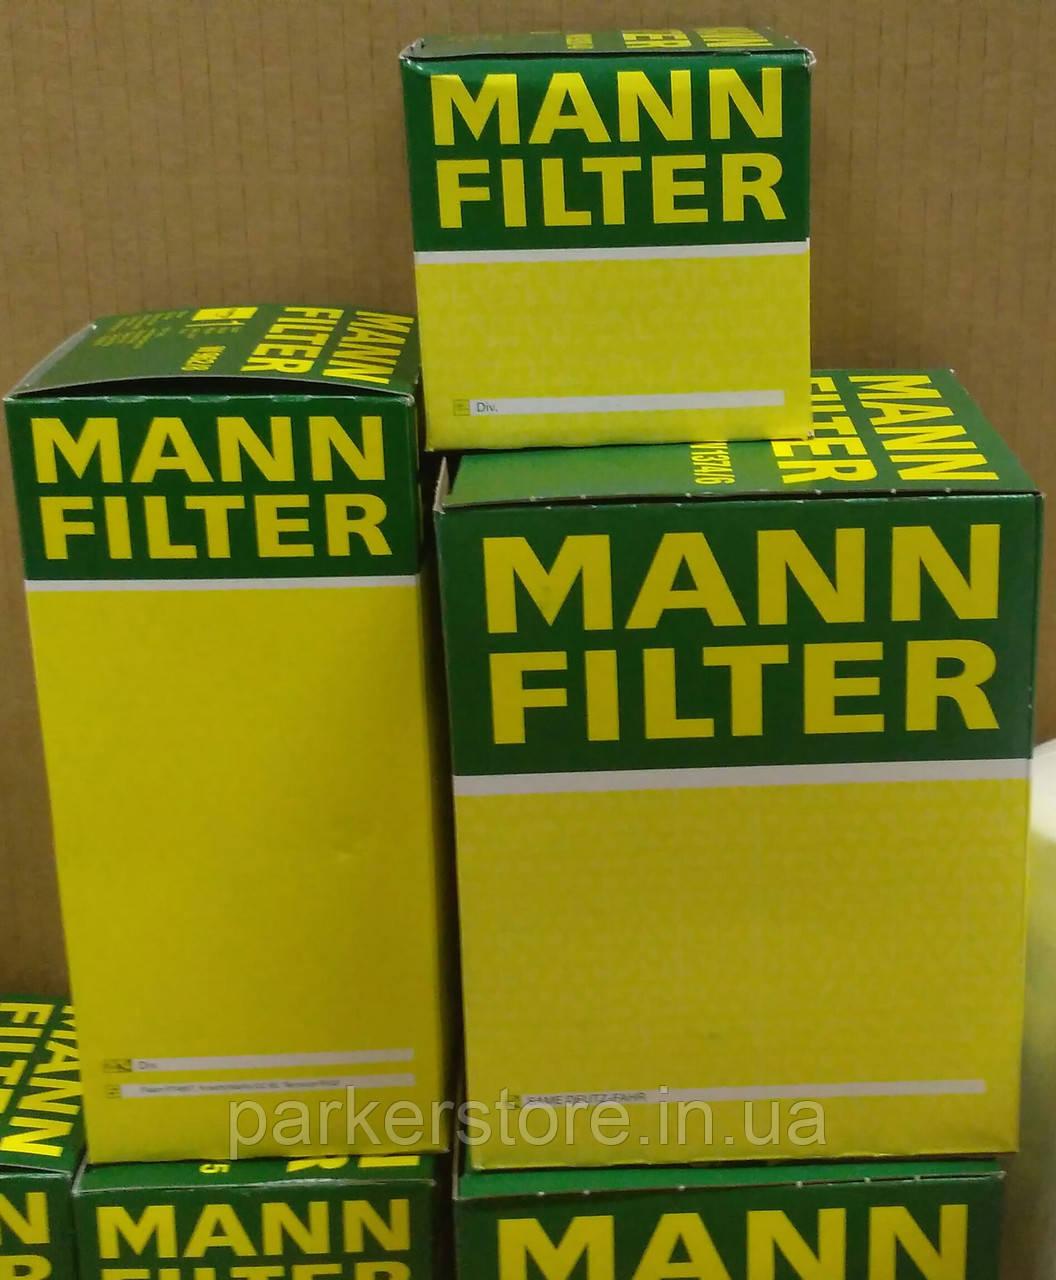 MANN FILTER / Воздушный фильтр / C 28 162 / C28162